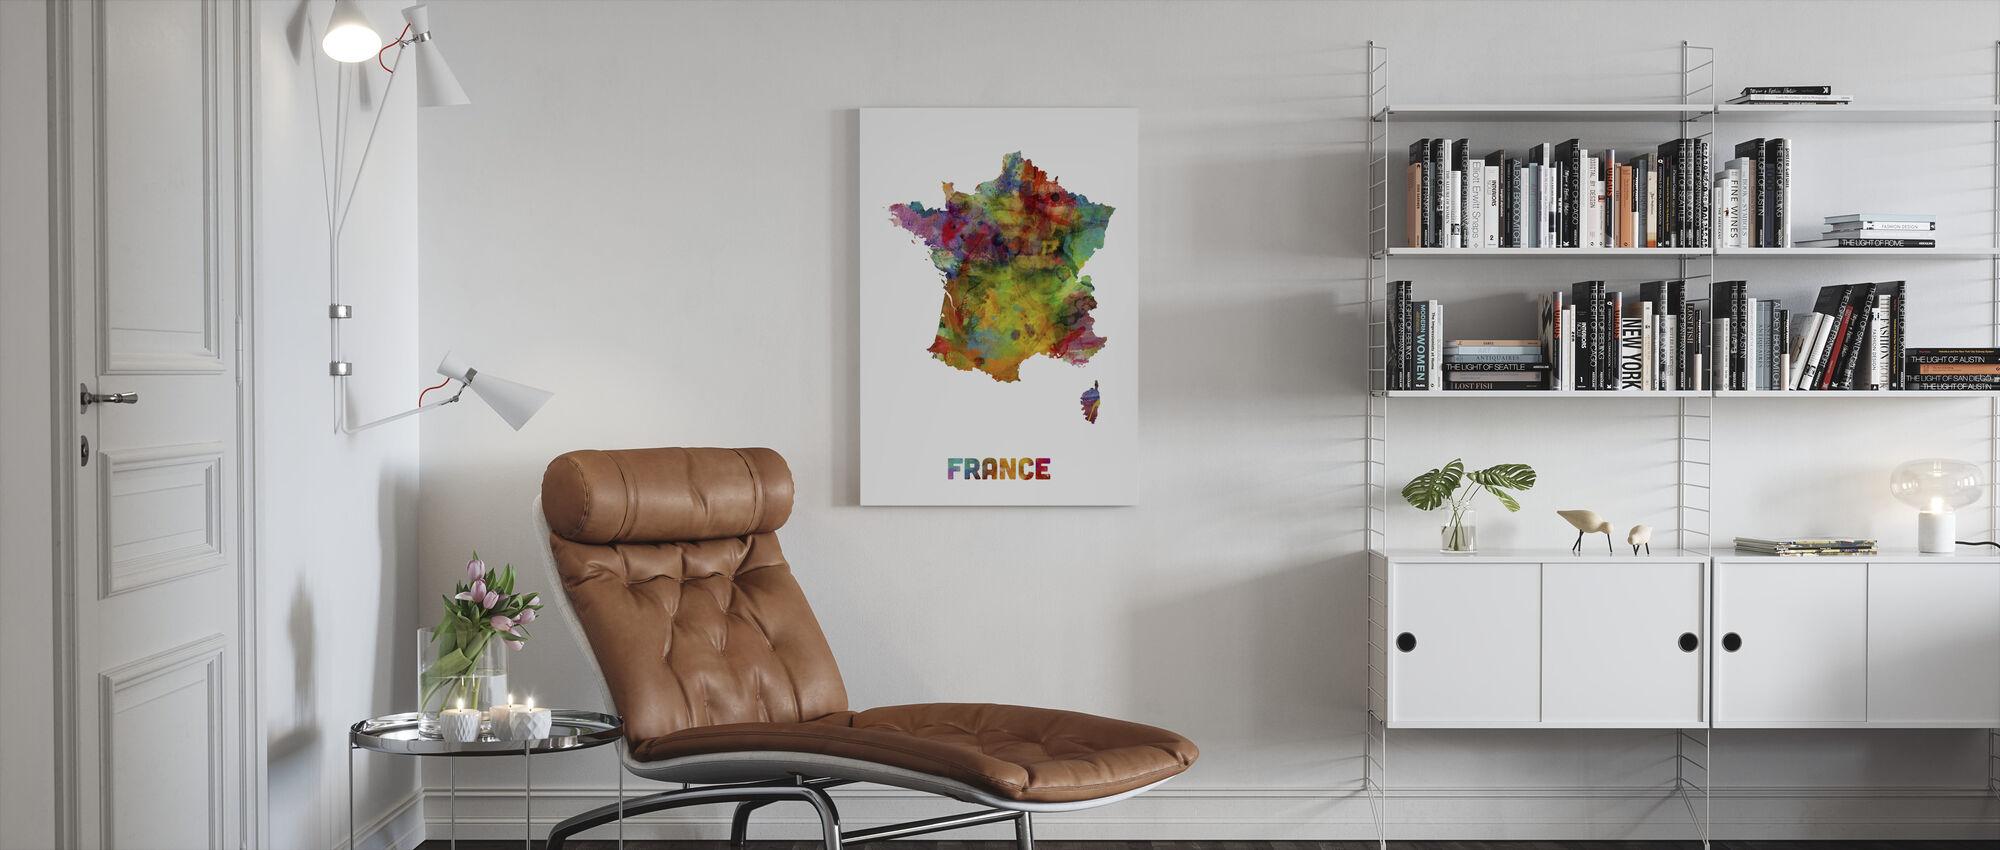 France Aquarelle Carte - Impression sur toile - Salle à manger